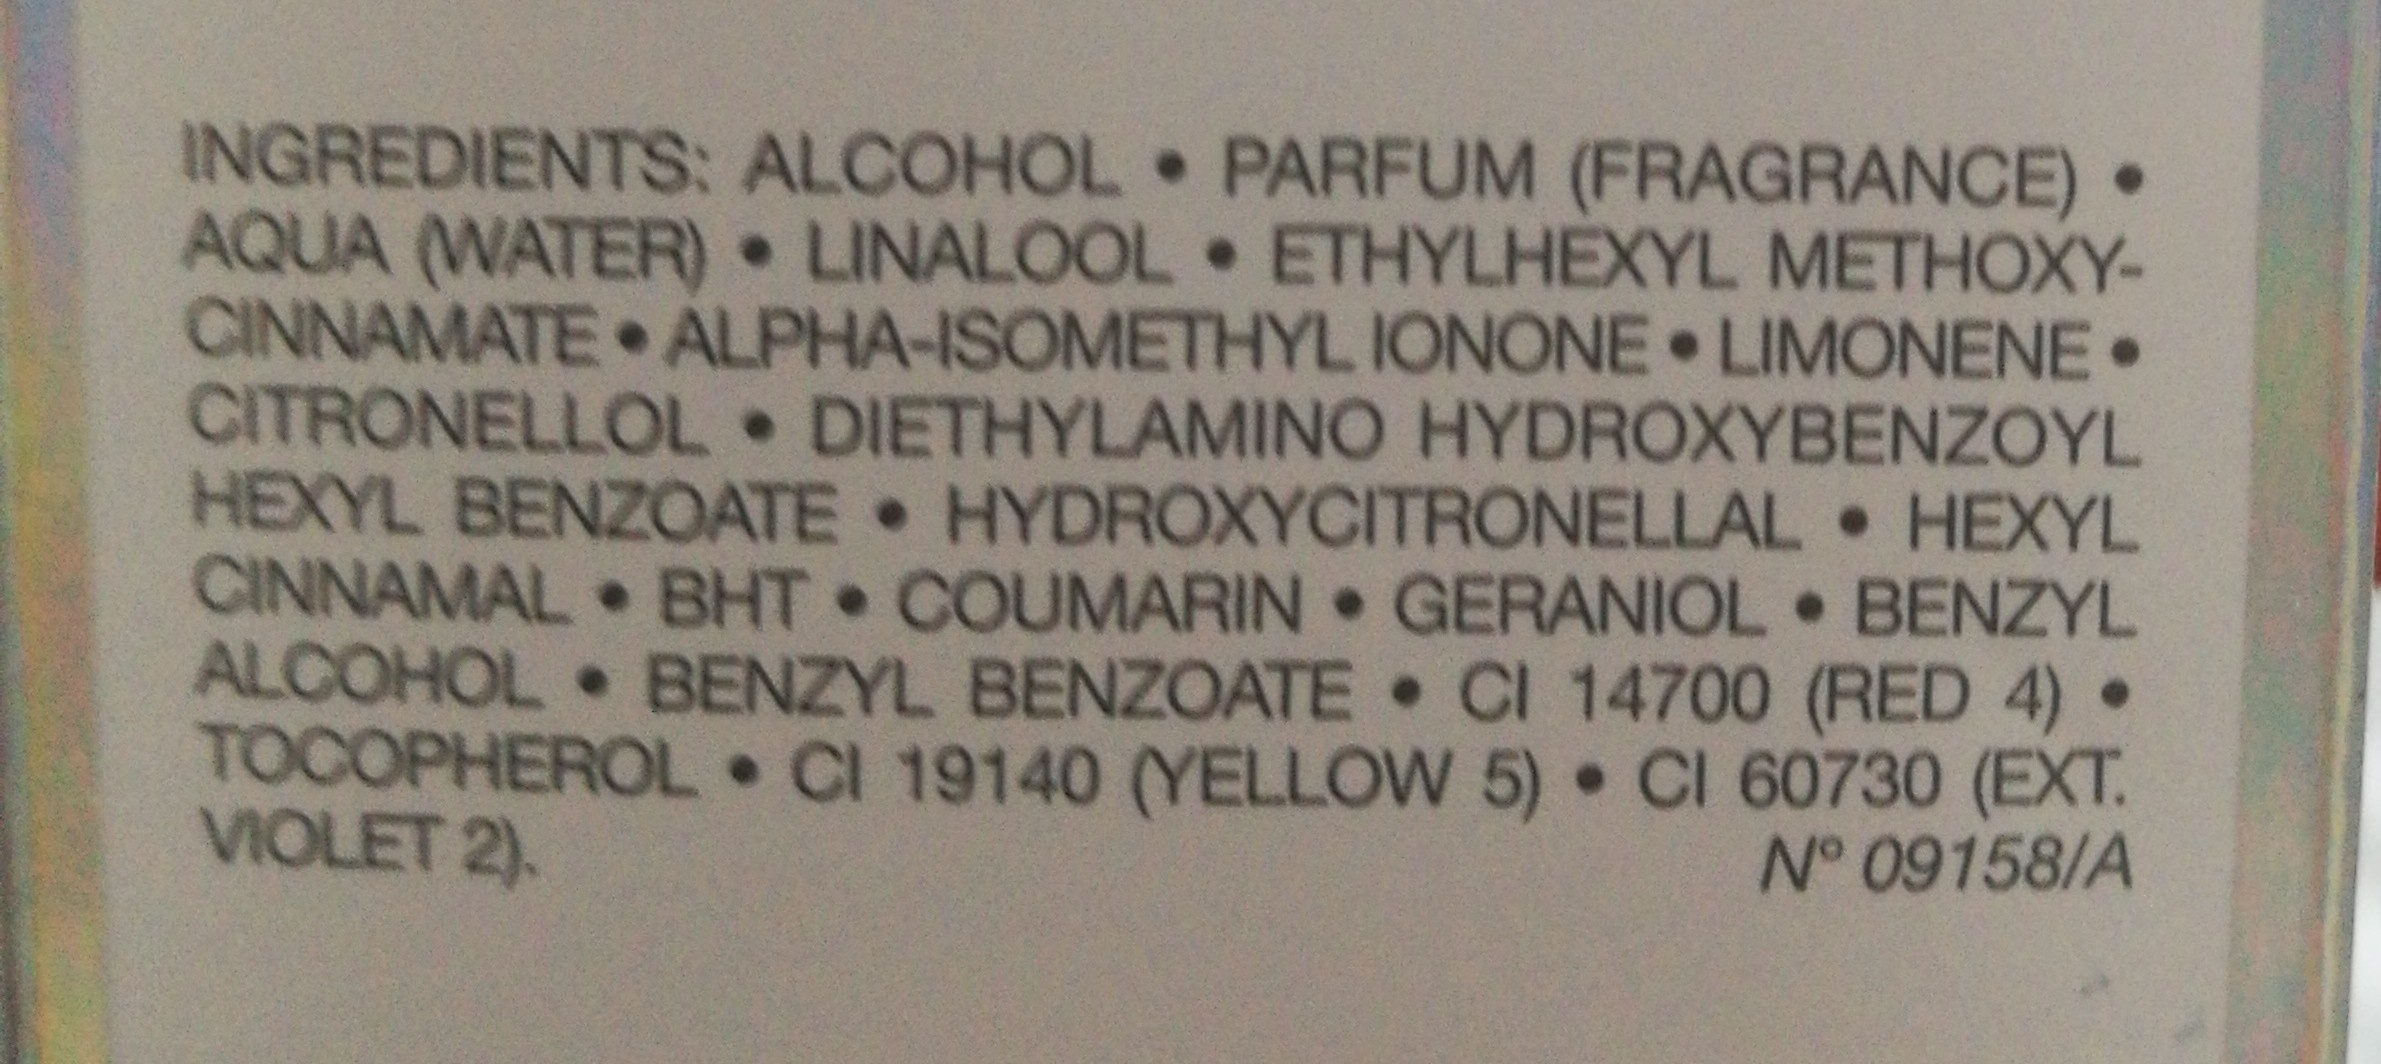 Dior Addict Eau De Toilette 30ML - Ingredients - fr